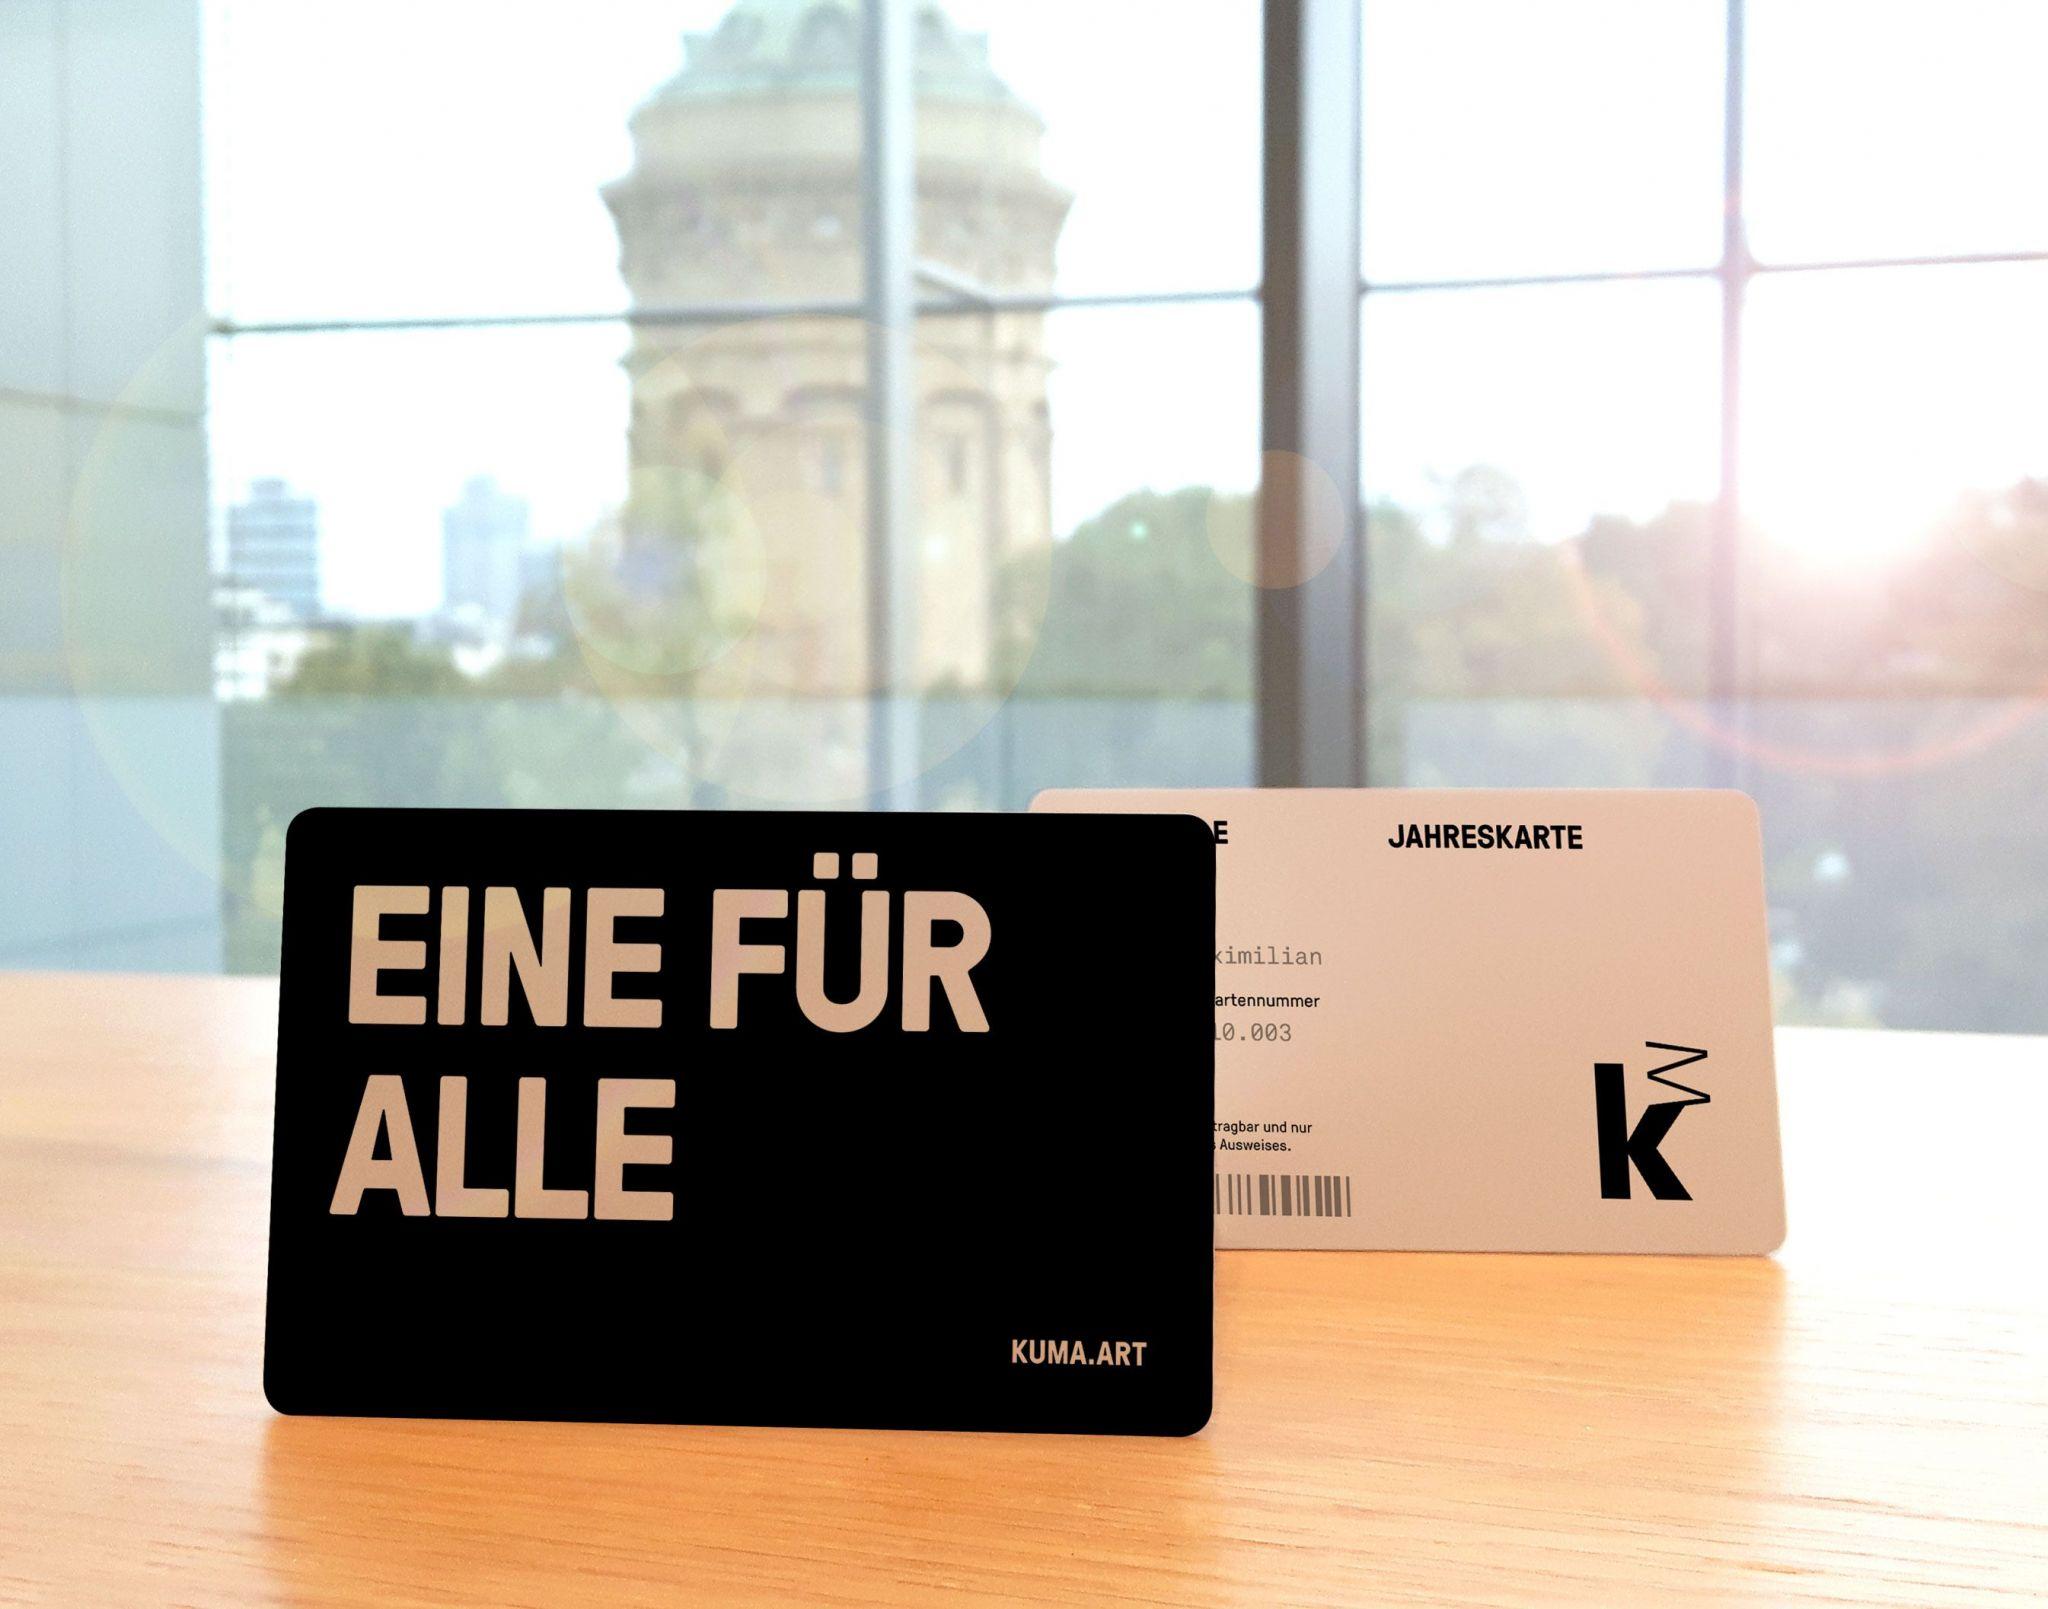 Online-Shop Kunsthalle Mannheim / Jahreskarte, Foto: Kunsthalle Mannheim